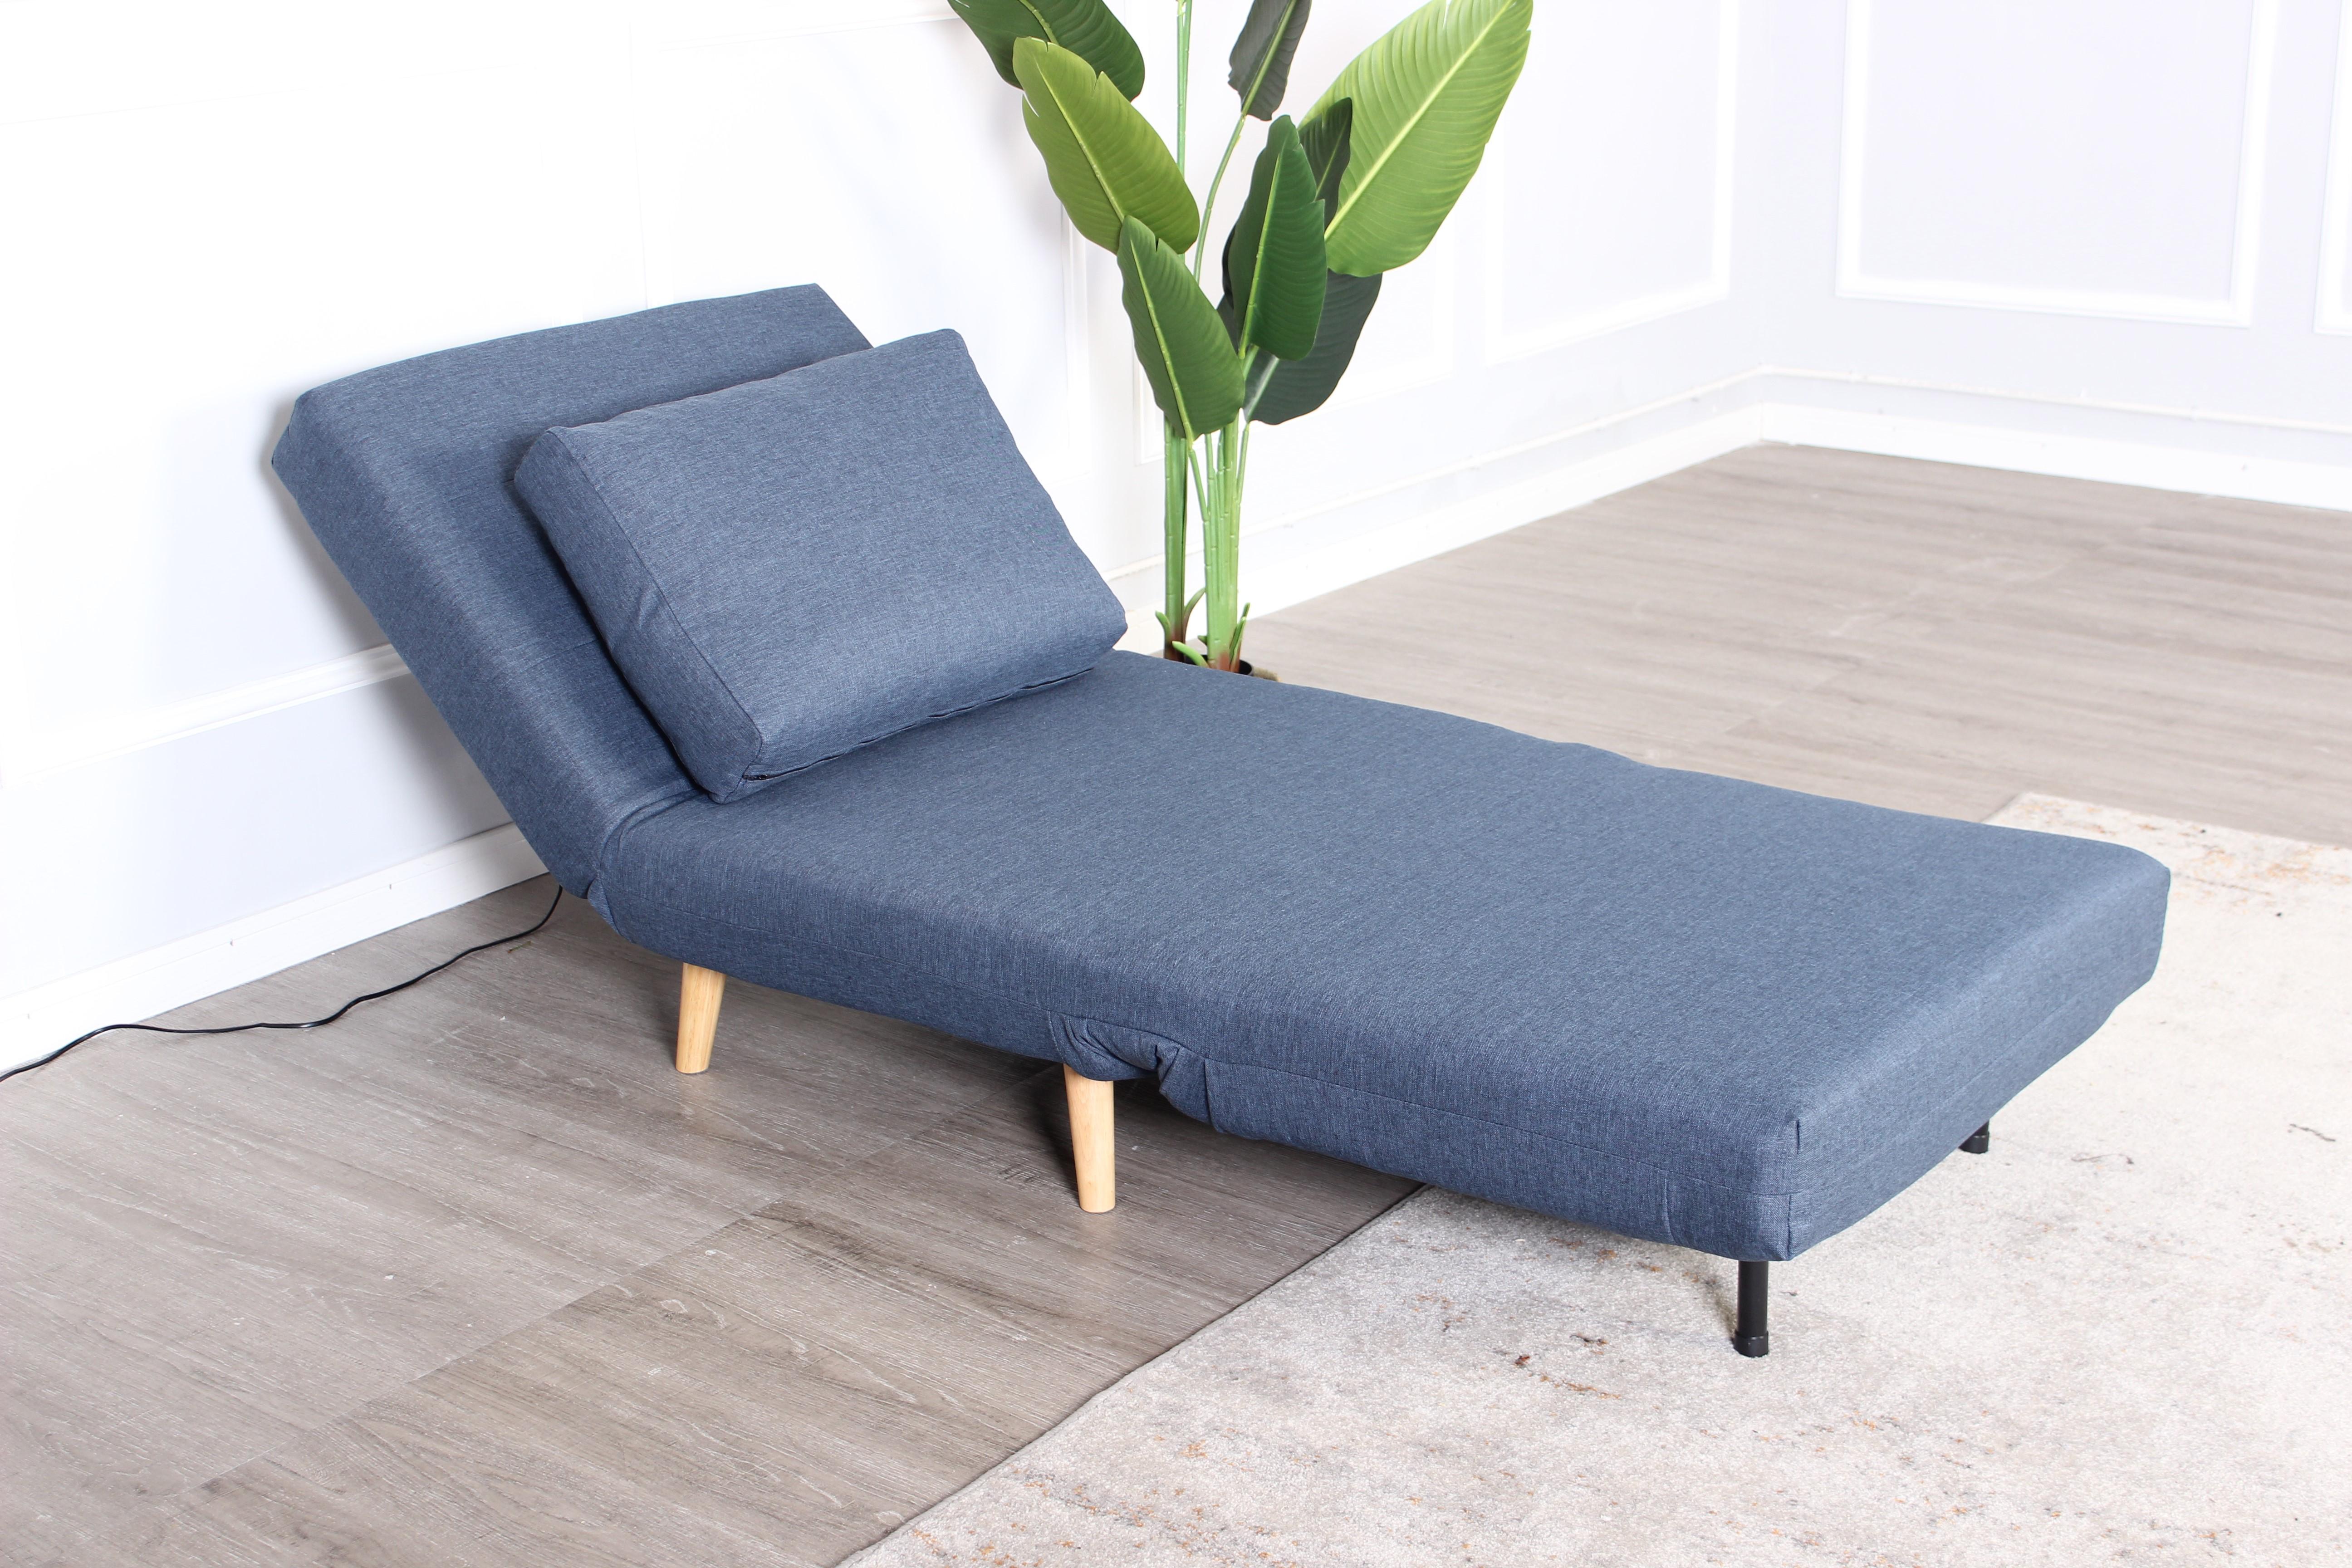 Ghế sofa giường 1S STELLA vải polyester, xanh dương/chân gỗ tự nhiên, R80xD90/190xC78x30cm